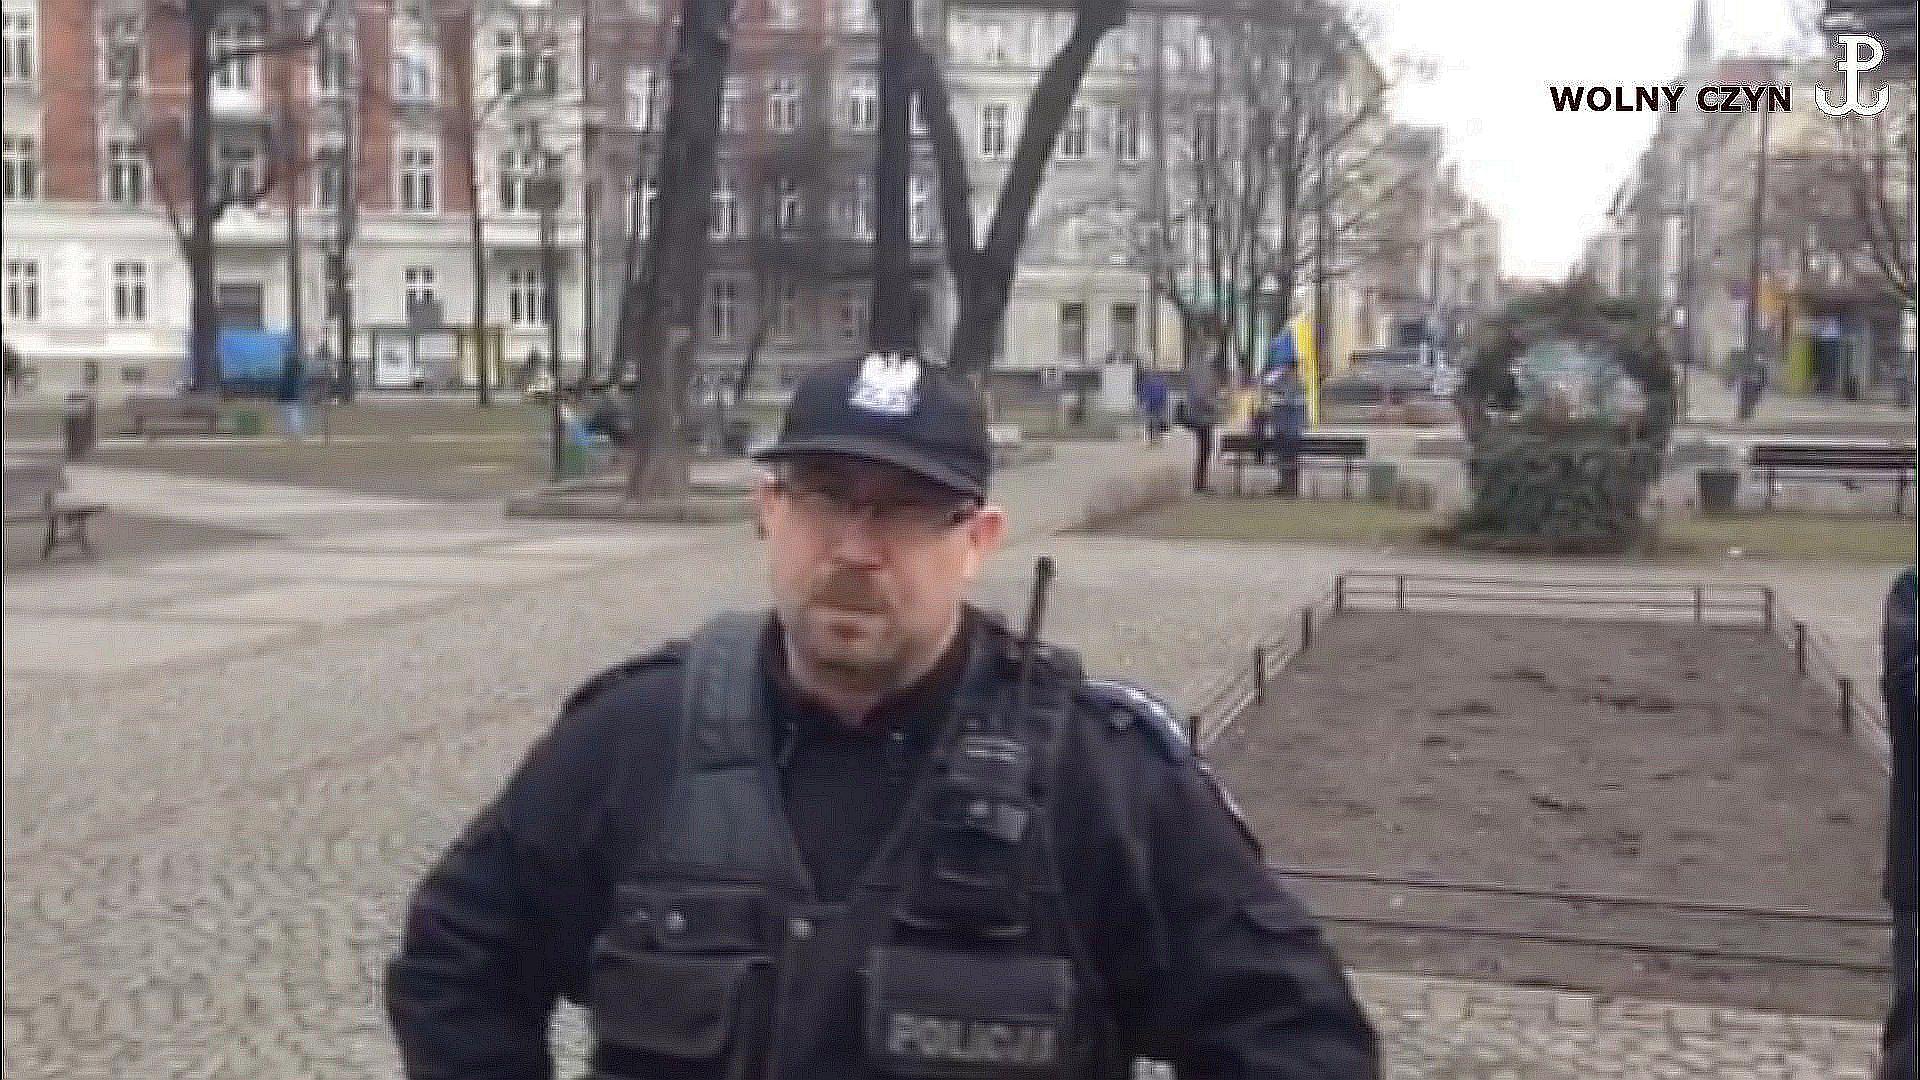 WOLNY CZYN: 30 stycznia Katowice: Polacy kontra V kolumna Niemiec. Część 2: policja